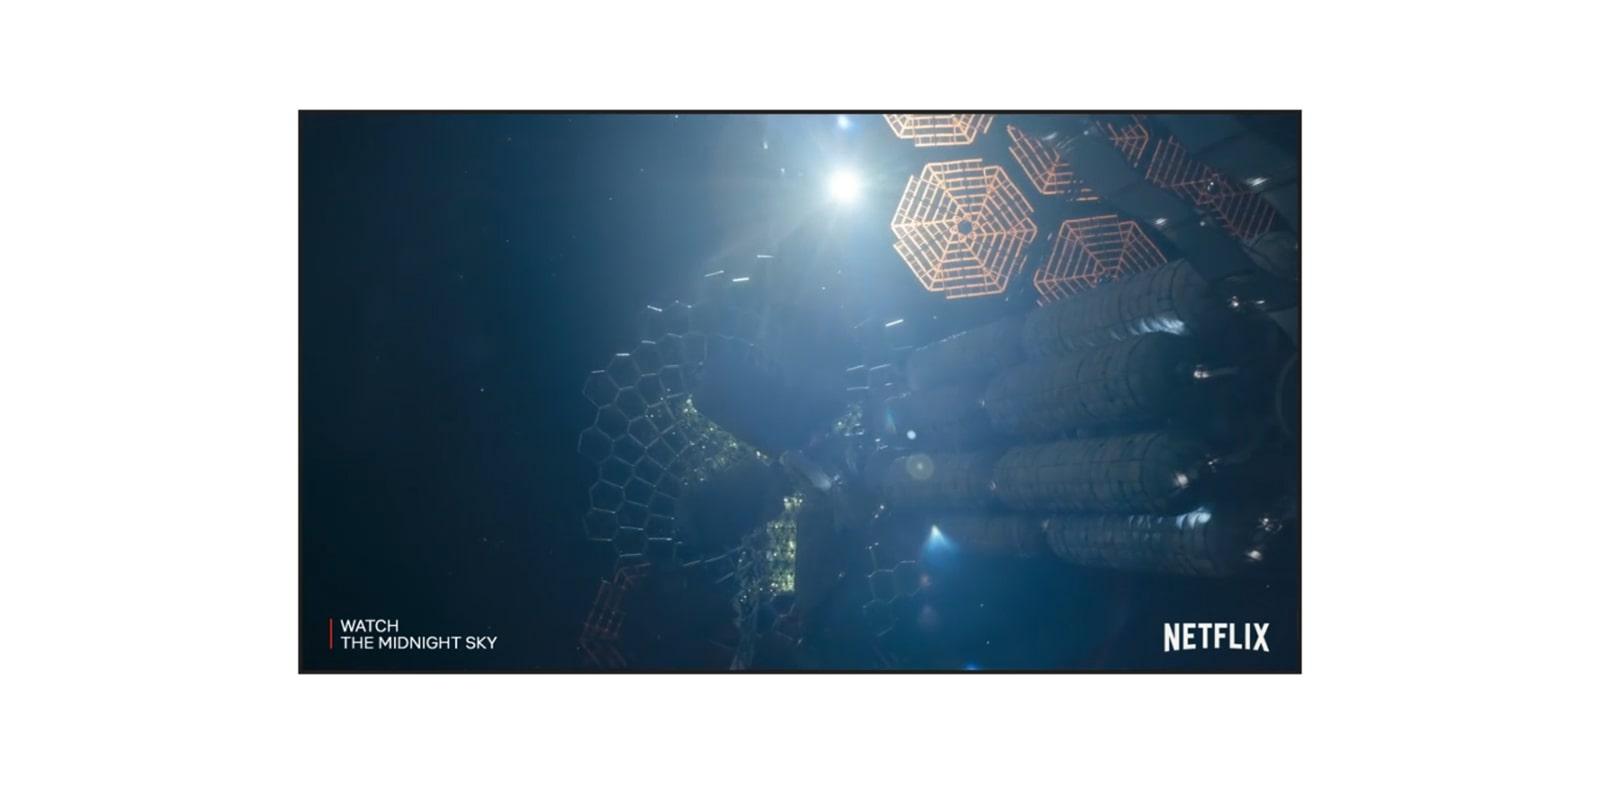 Экран телевизора с трейлером фильма «Полночное небо» на Netflix (просмотр видео).